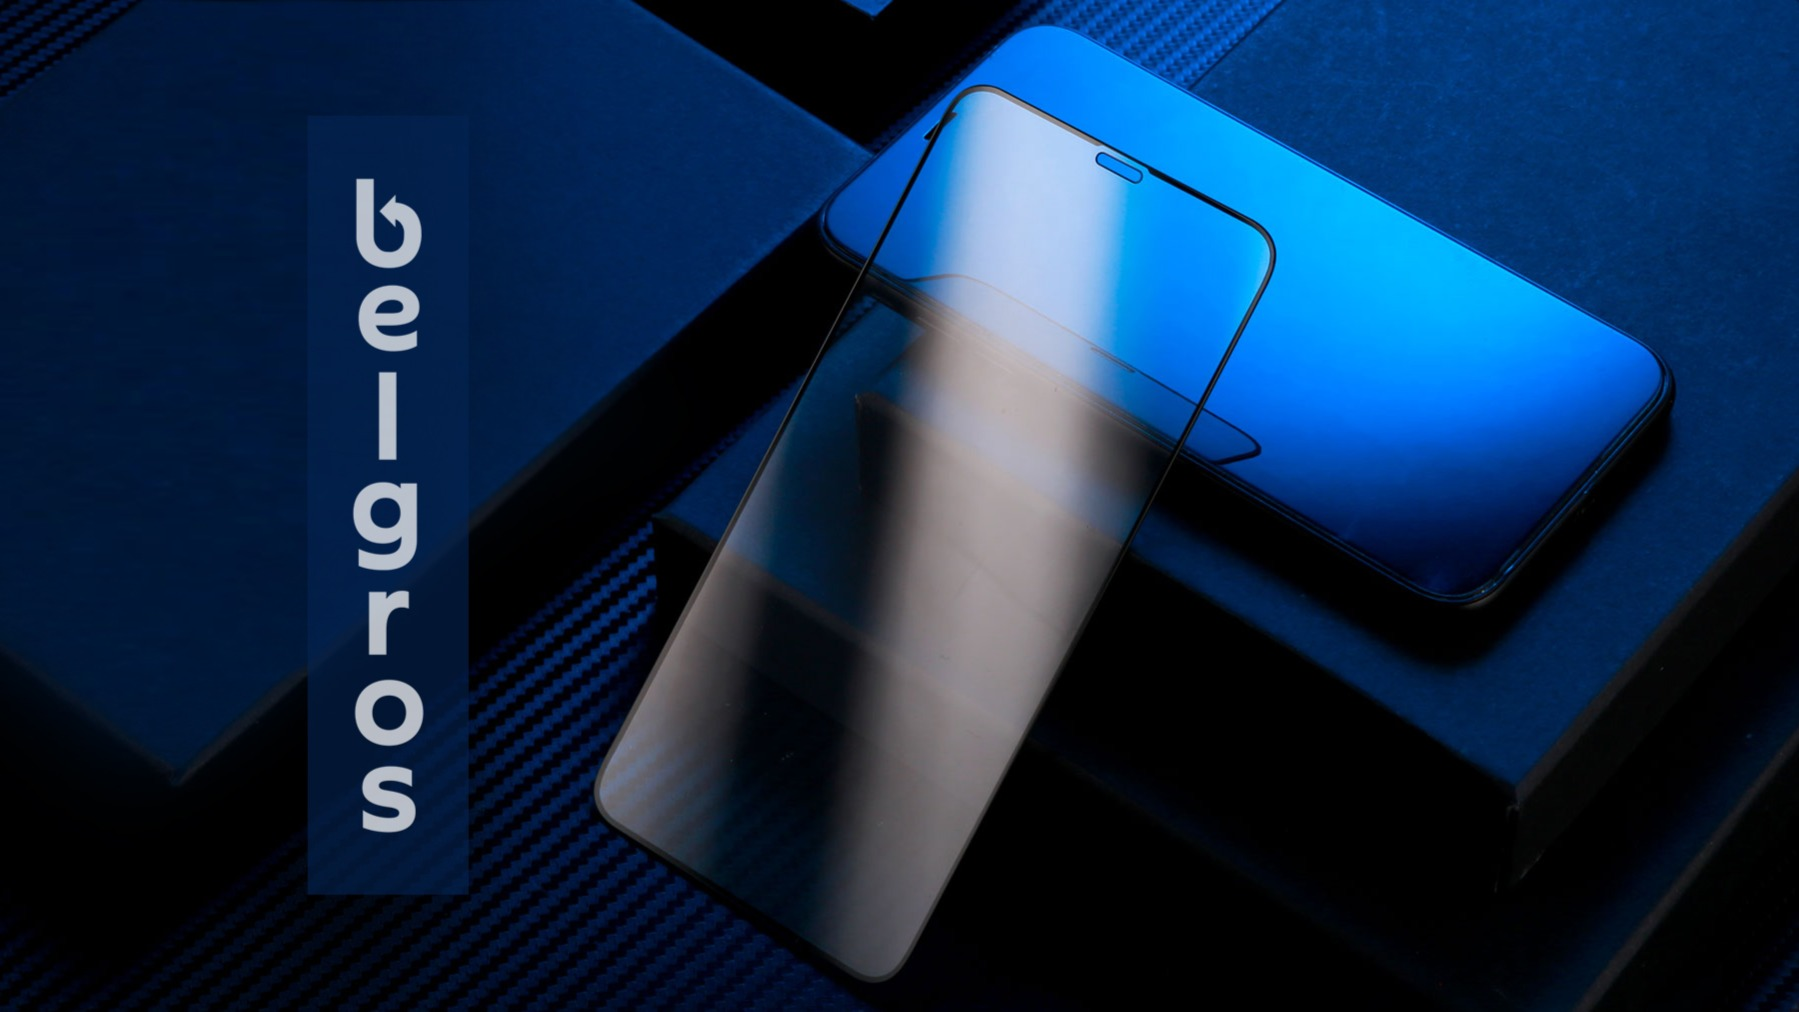 Защитное стекло для iPhone 11, для чего оно нужно?